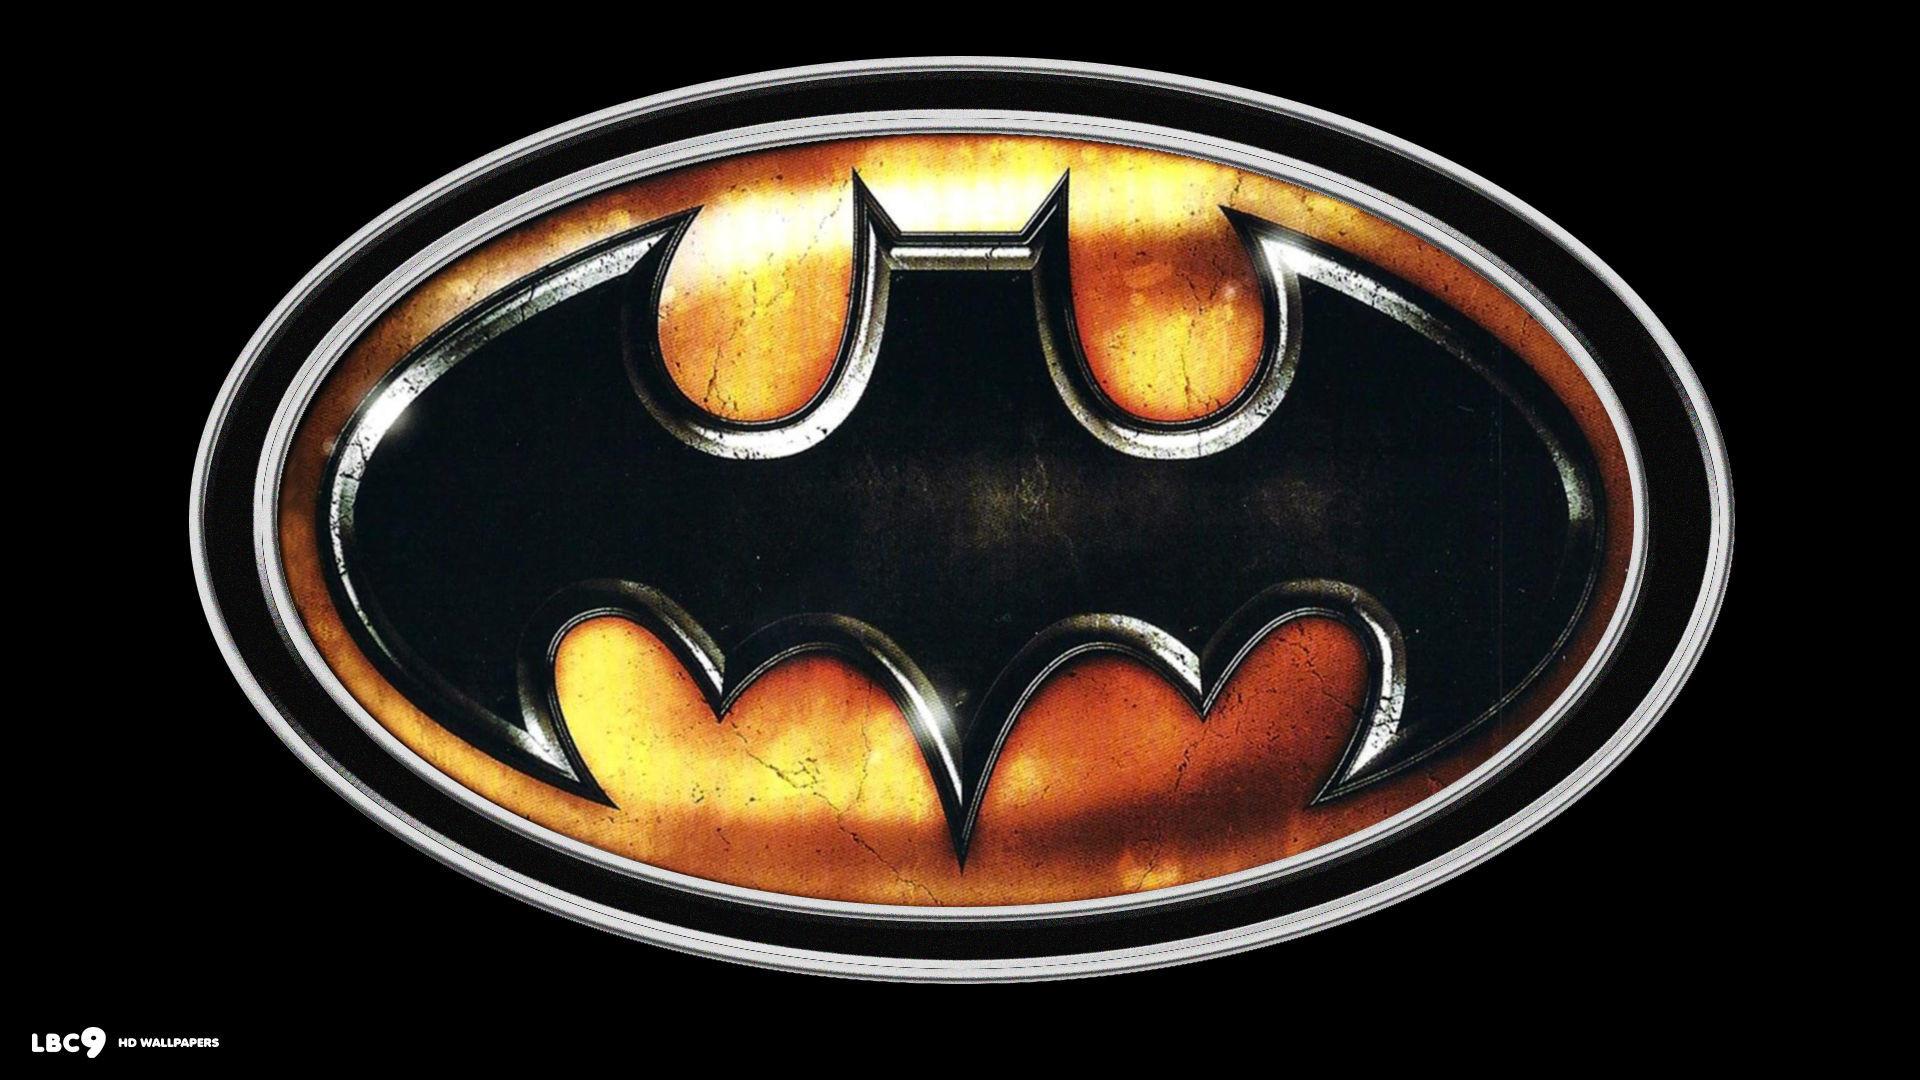 Batman 1989 Wallpaper (86+ images)